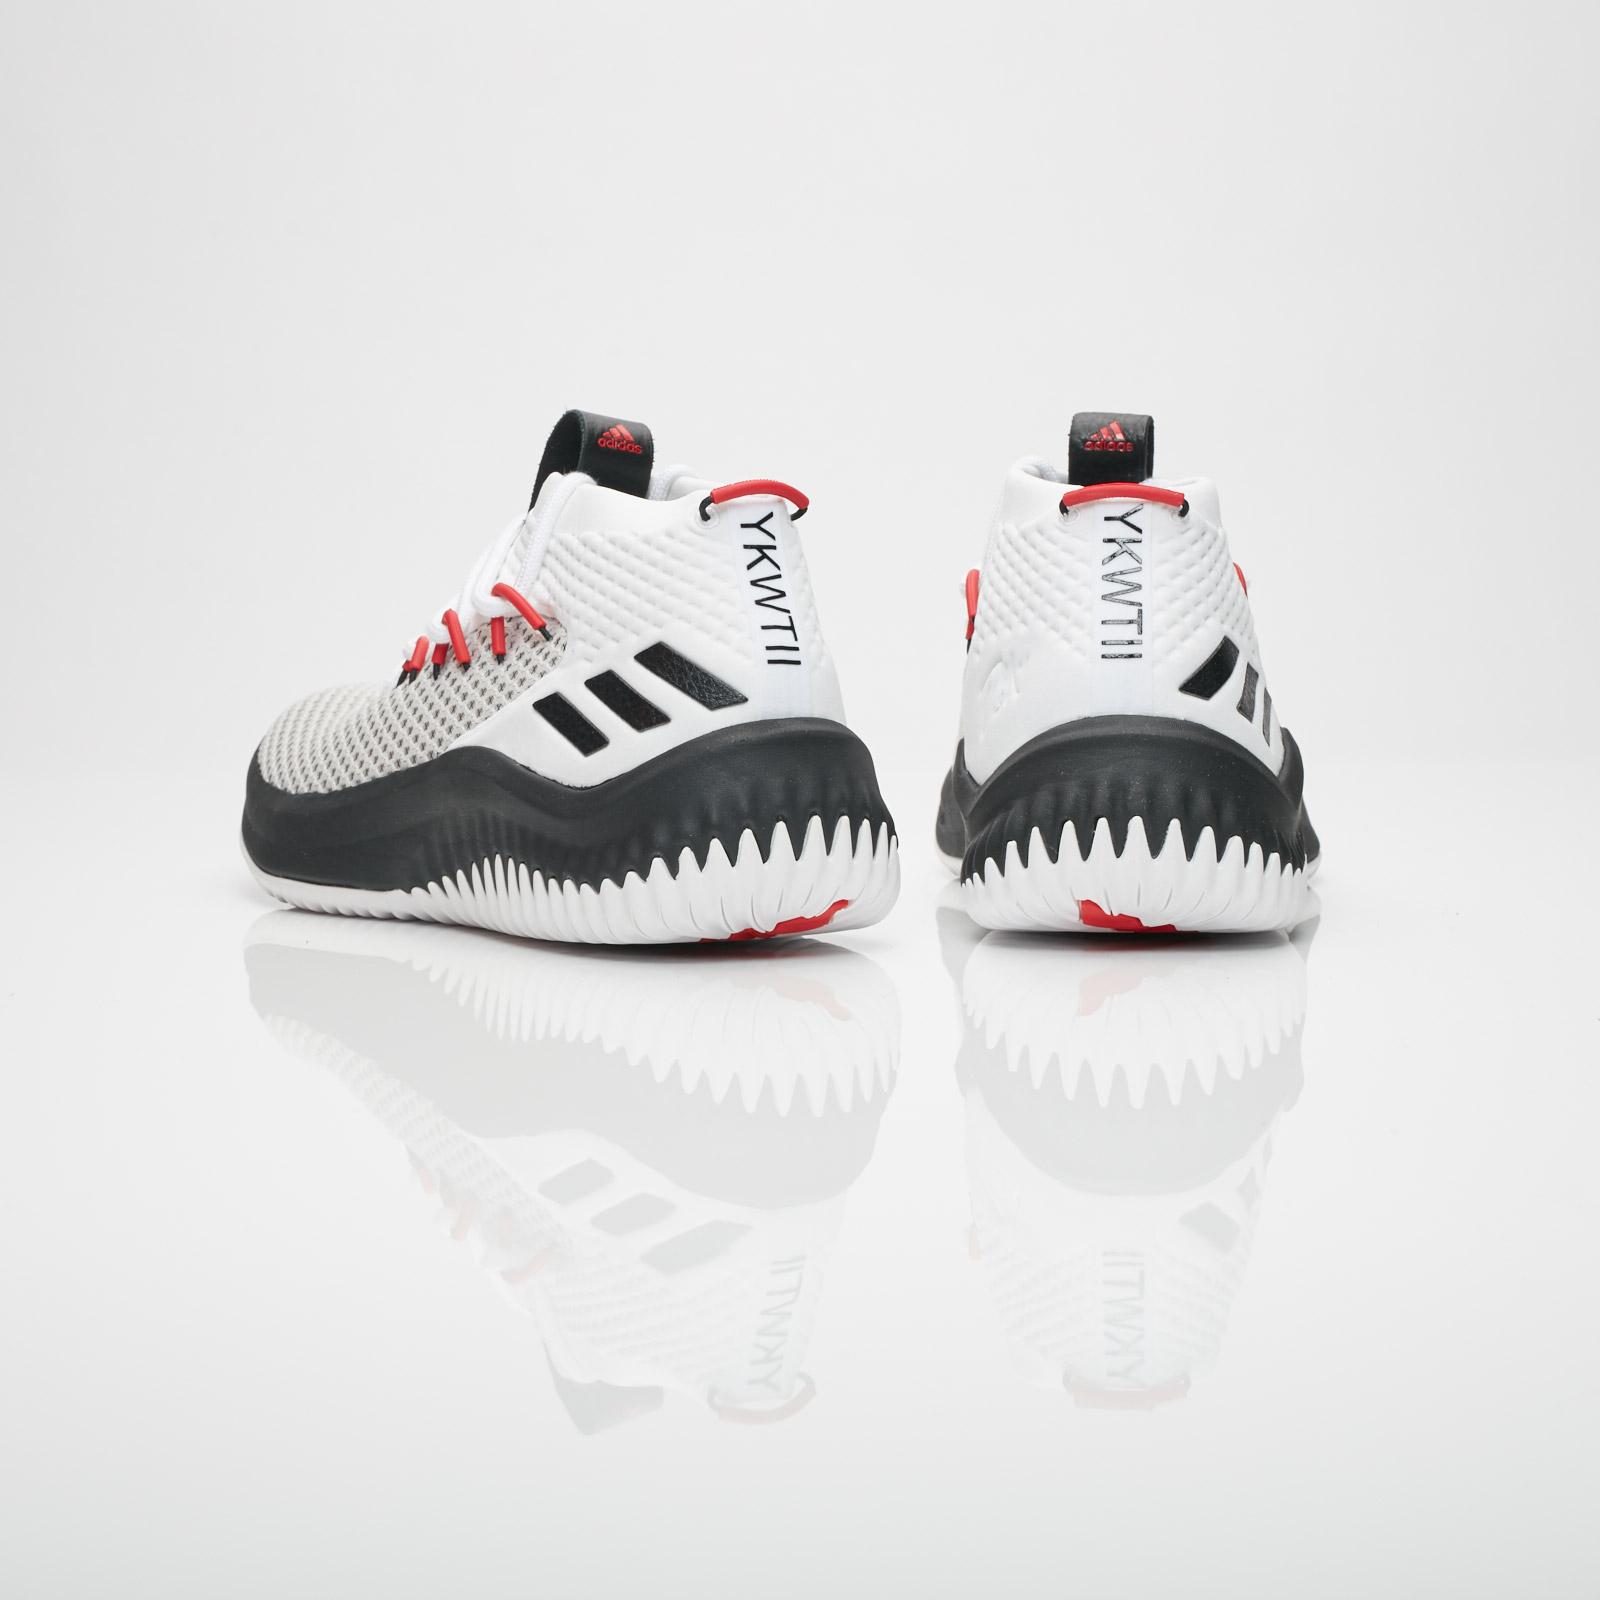 adidas Dame 4 By3759 Sneakersnstuff | sneakers